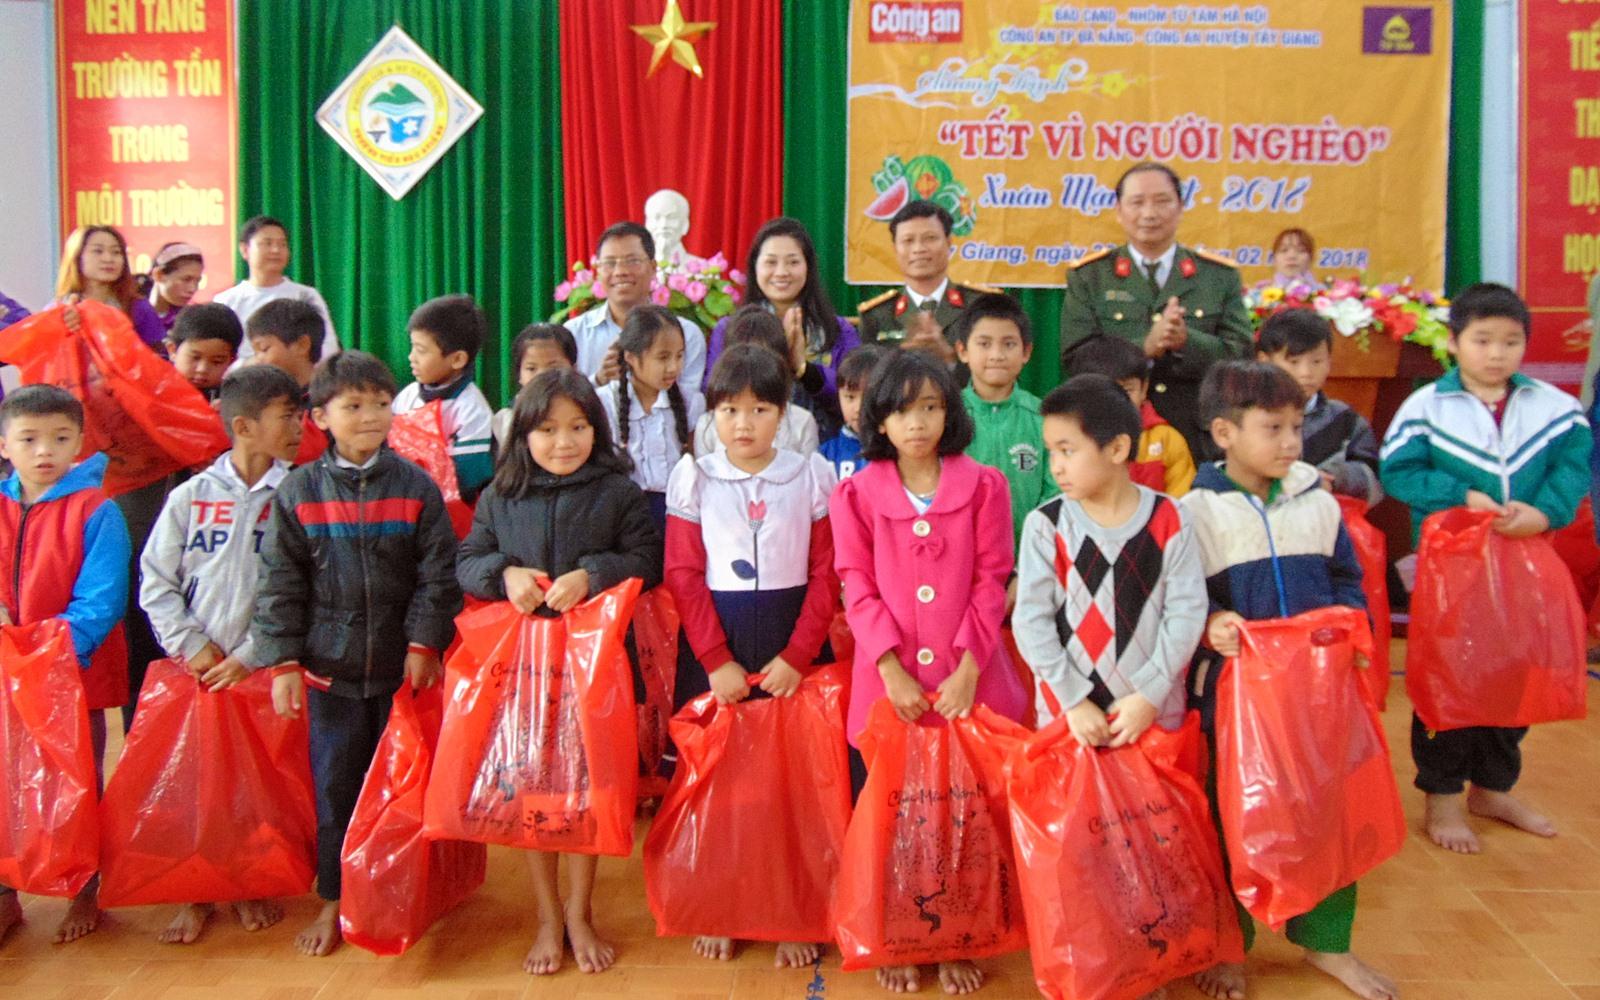 Thêm 500 suất quà đến với học sinh vùng núi Quảng Nam